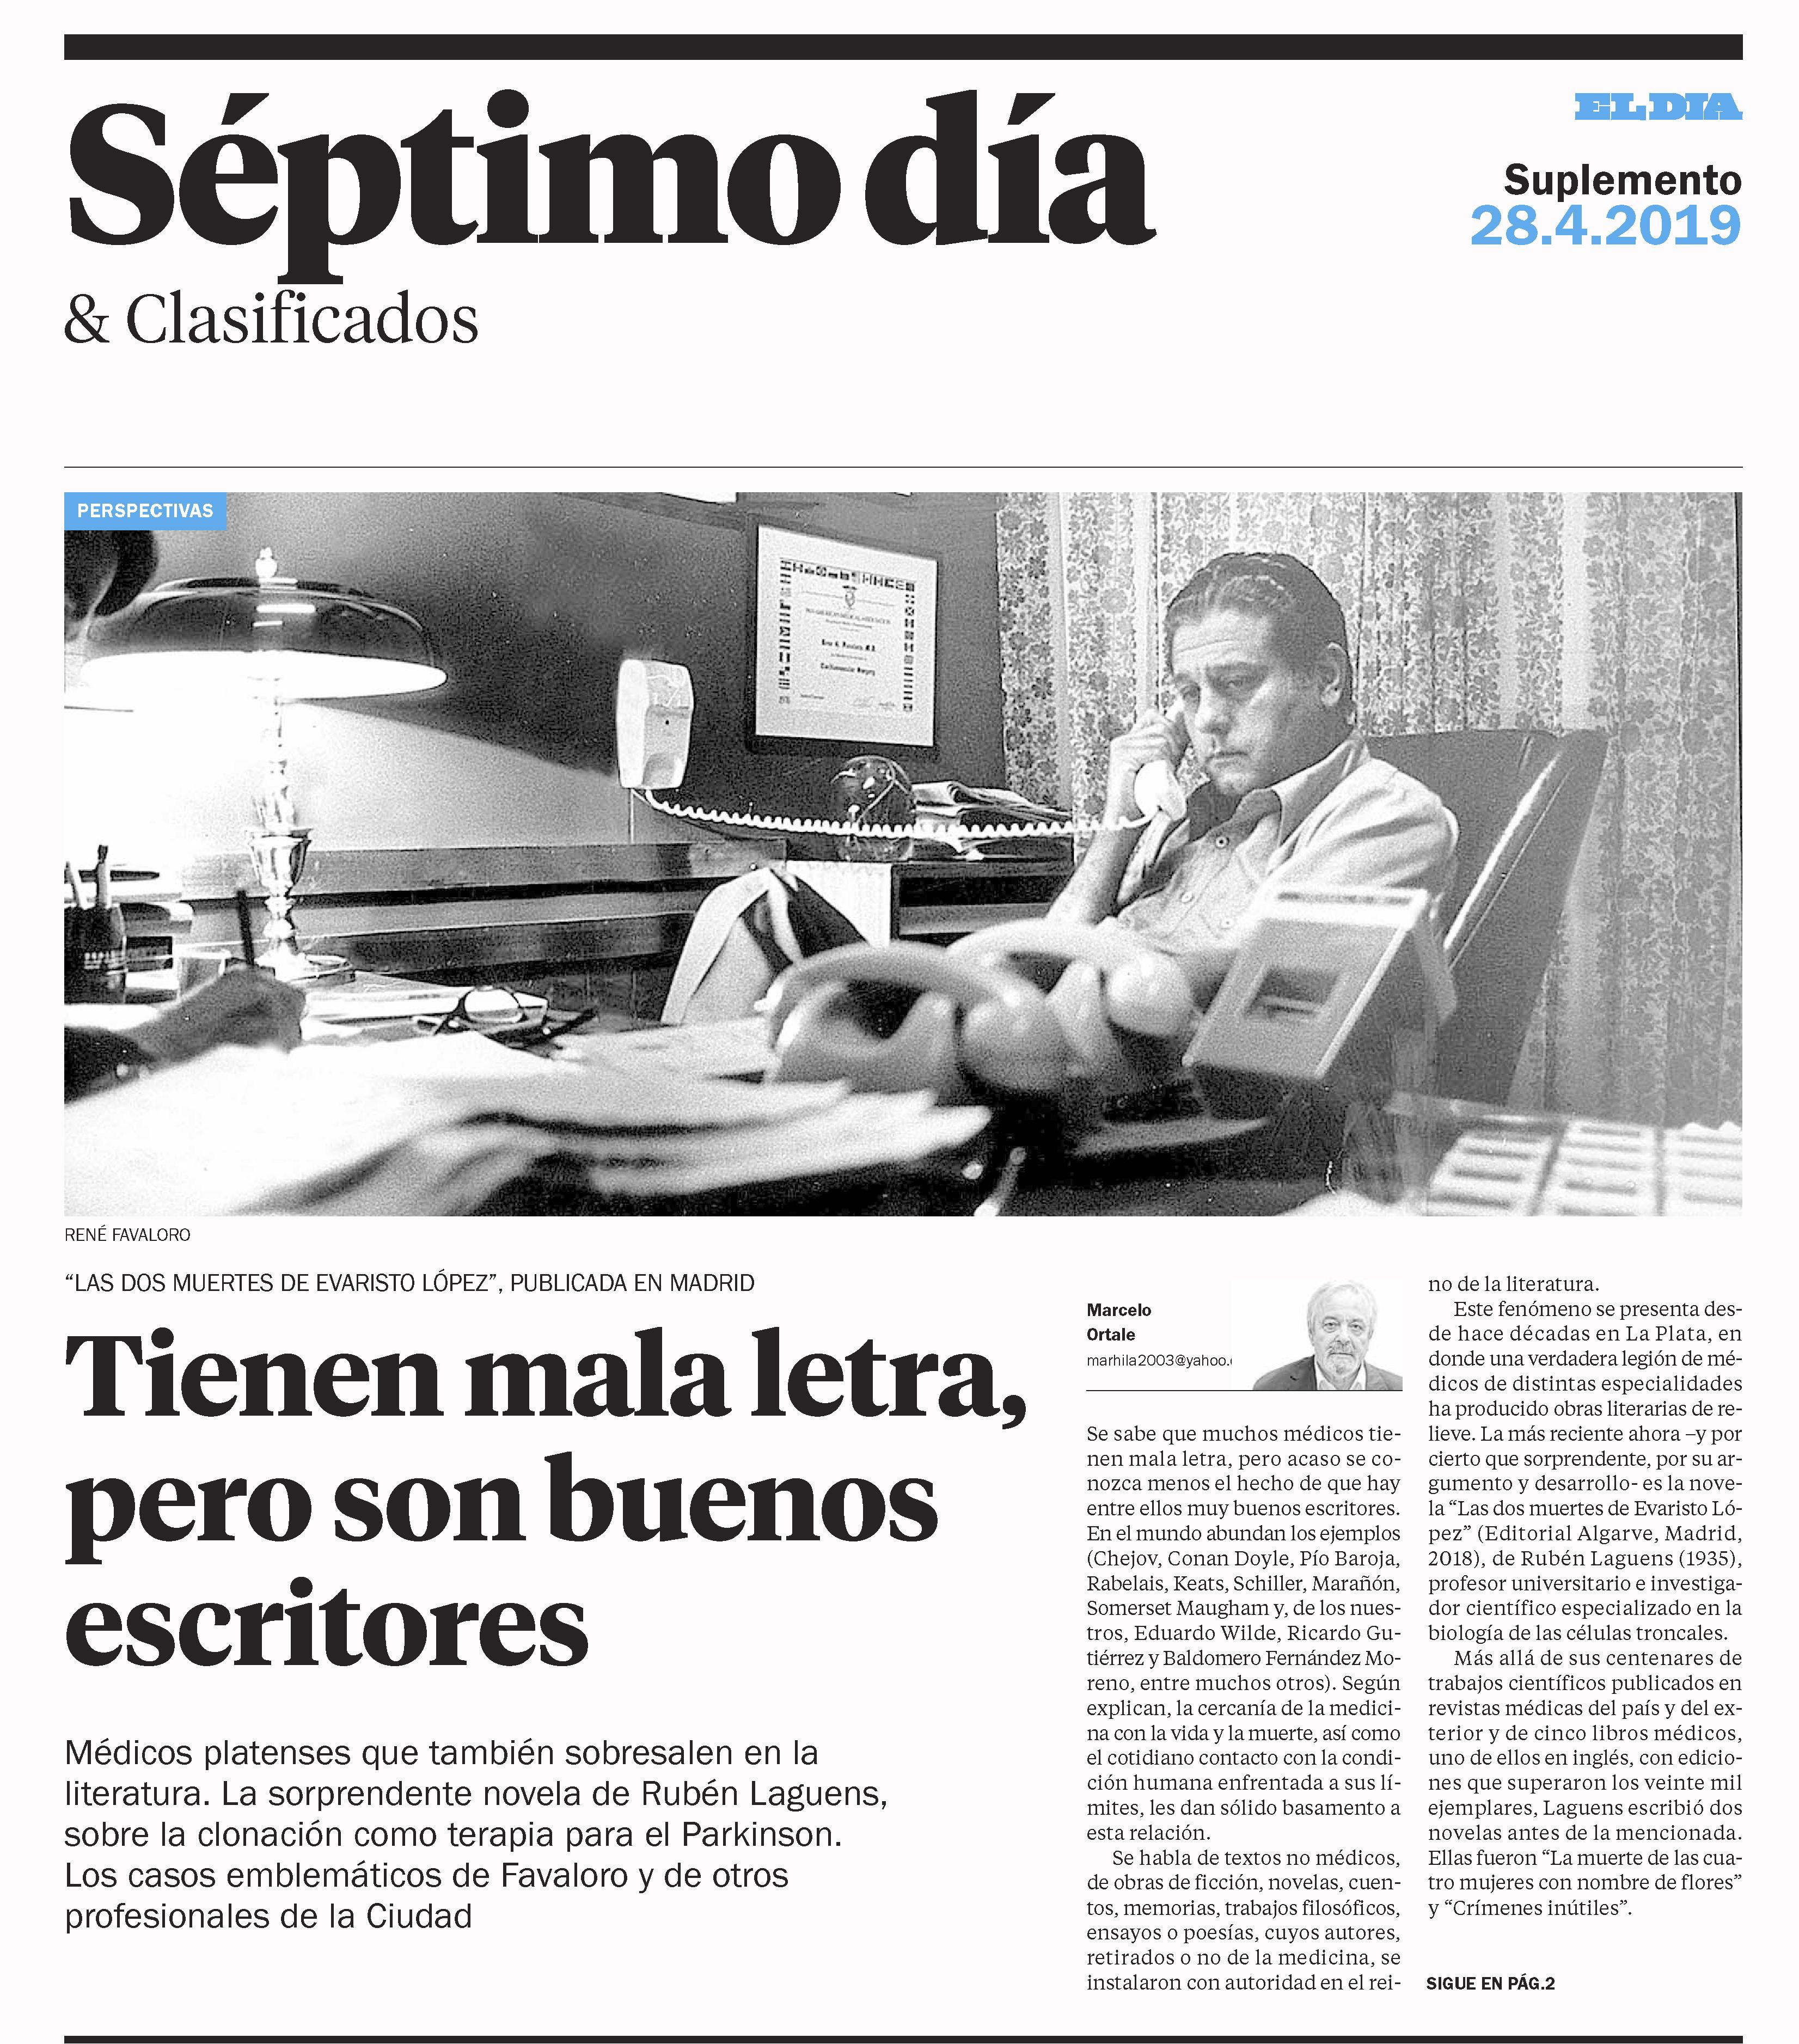 Artículo en diario El día de La Plata Las dos muertes de Evaristo López de Ruben Laguens. Editorial Adarve, Editoriales de España